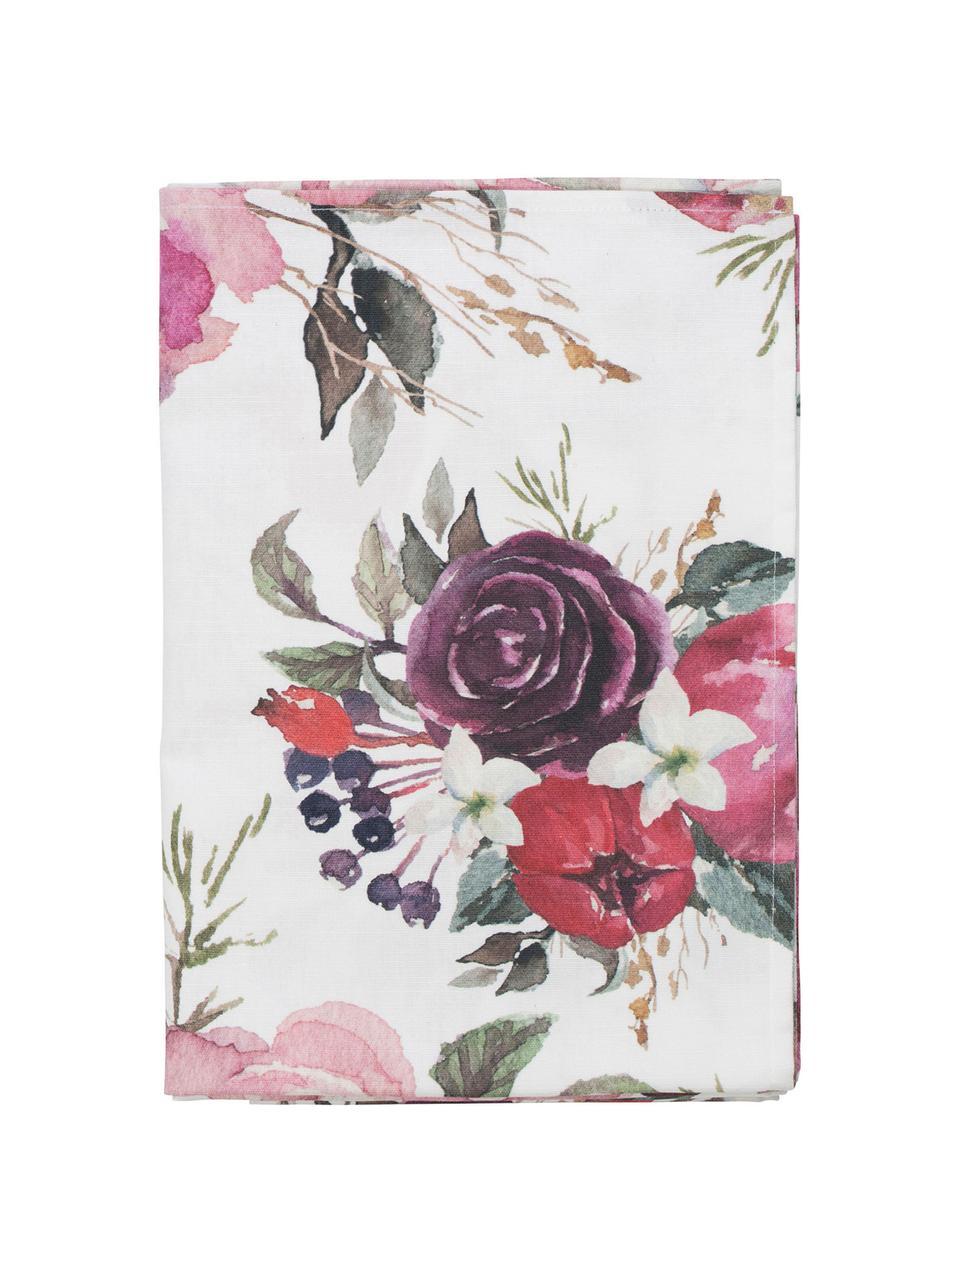 Baumwoll-Tischdecke Florisia mit Blumenmotiv, 100% Baumwolle, Rosa, Weiß, Lila, Grün, 160 x 160 cm